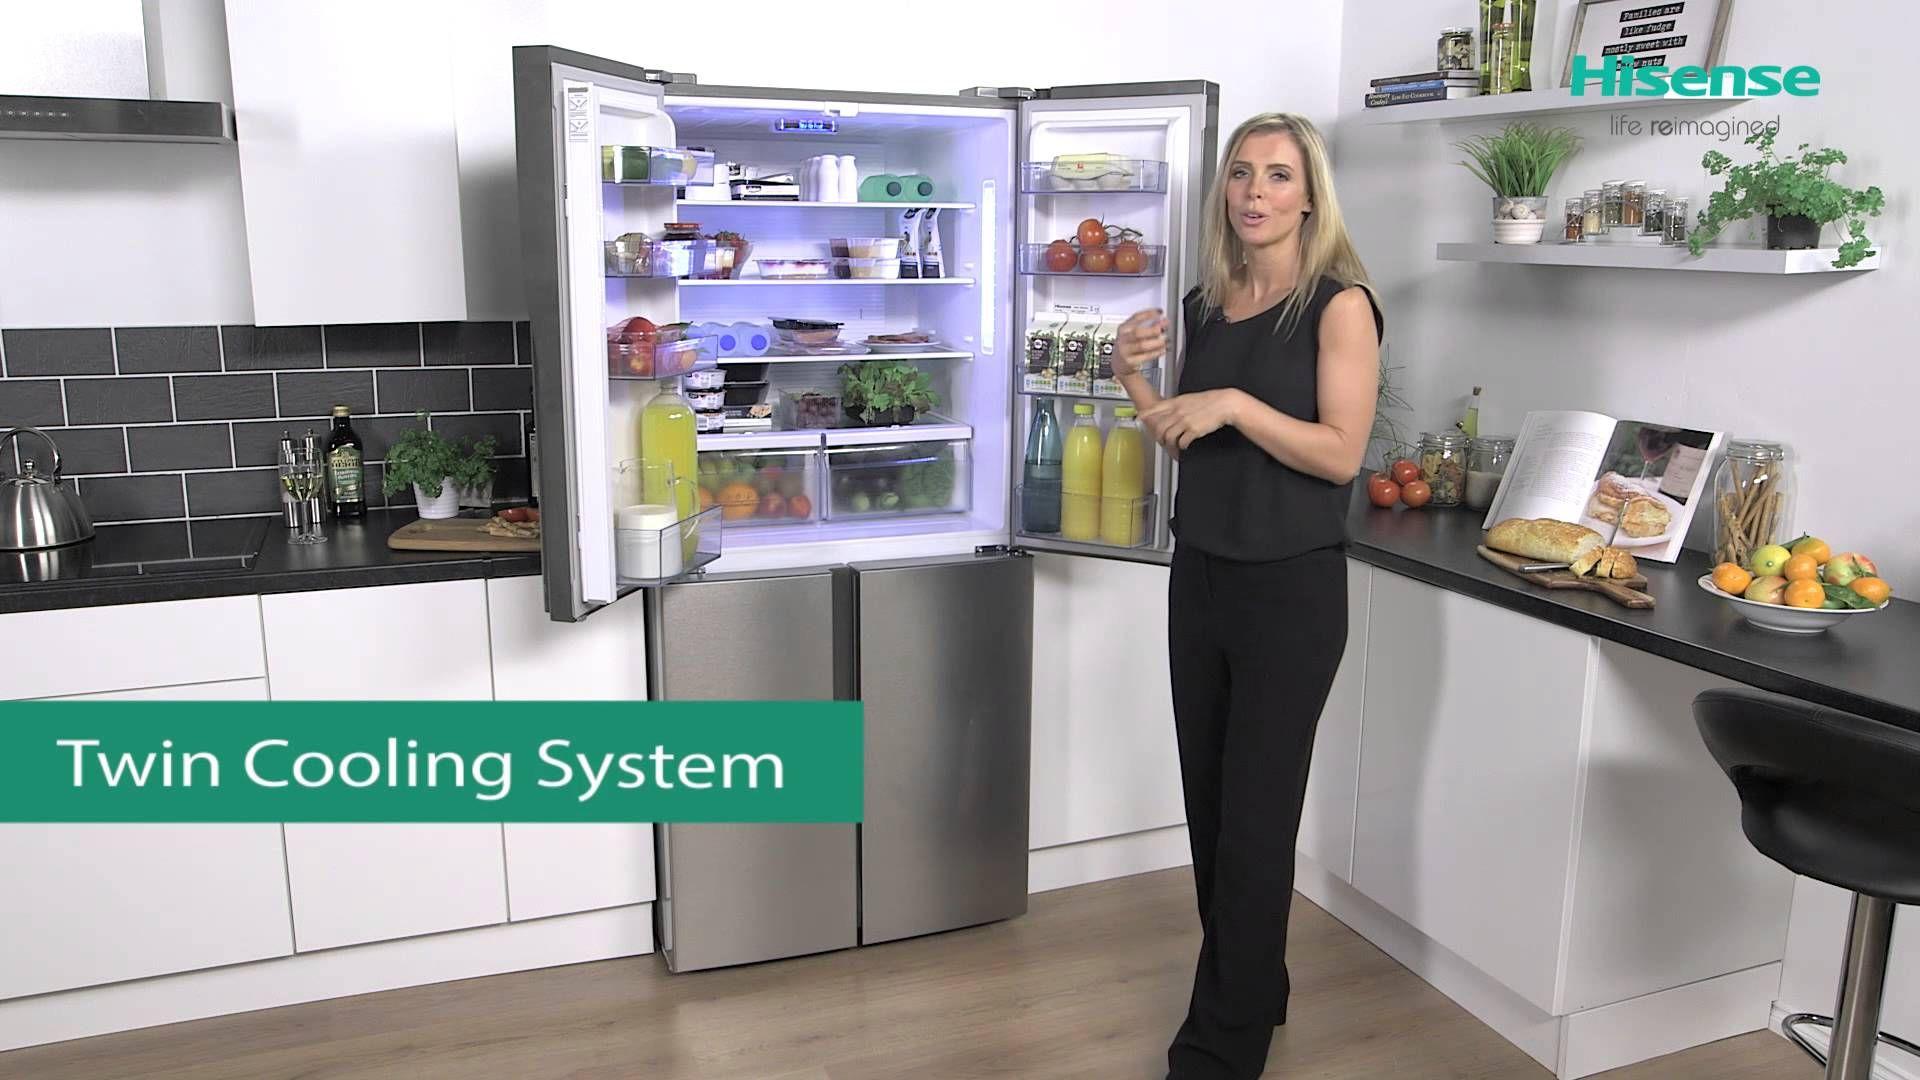 Rq562n4ac1 Hisense 4 Door Fridge Freezer Review 4 Door Fridge Kitchen Storage Fridge Freezers